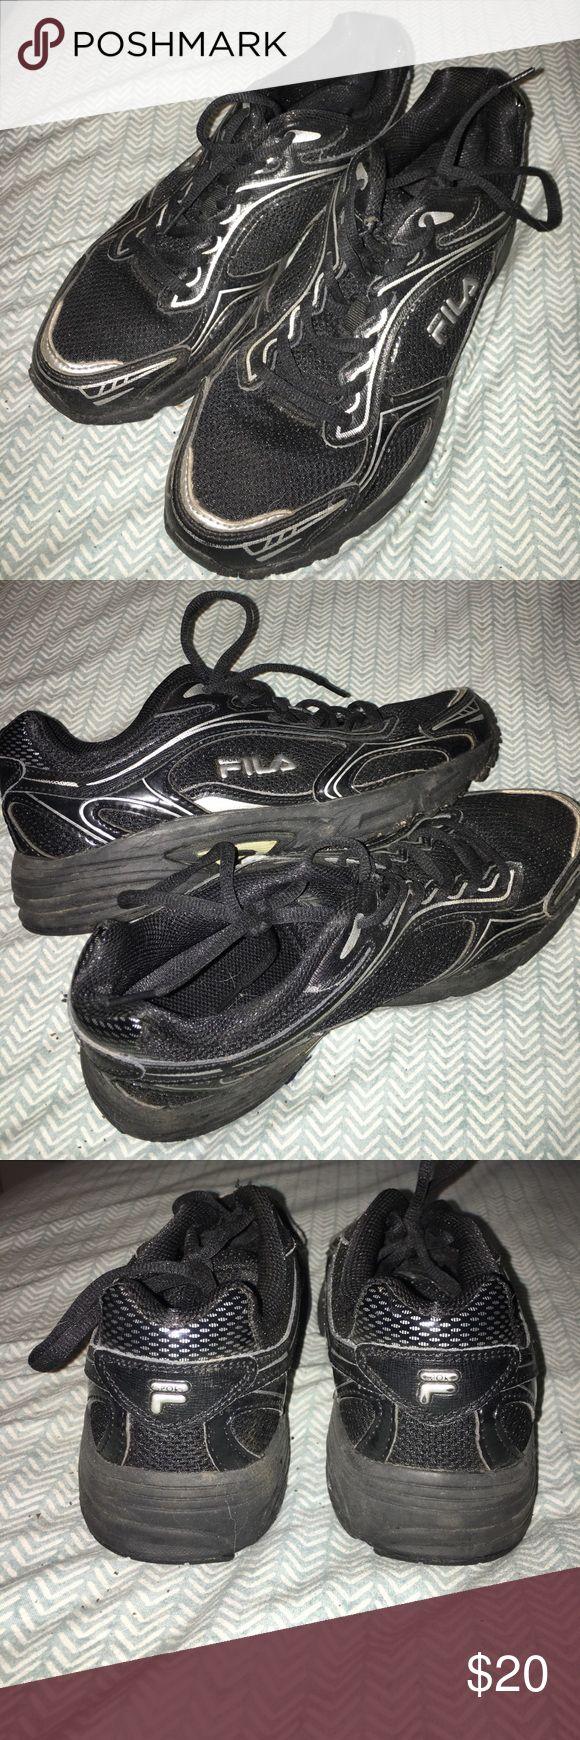 Fila women's sneakers! Black womens Fila running sneakers size 8.5! Fila Shoes Sneakers